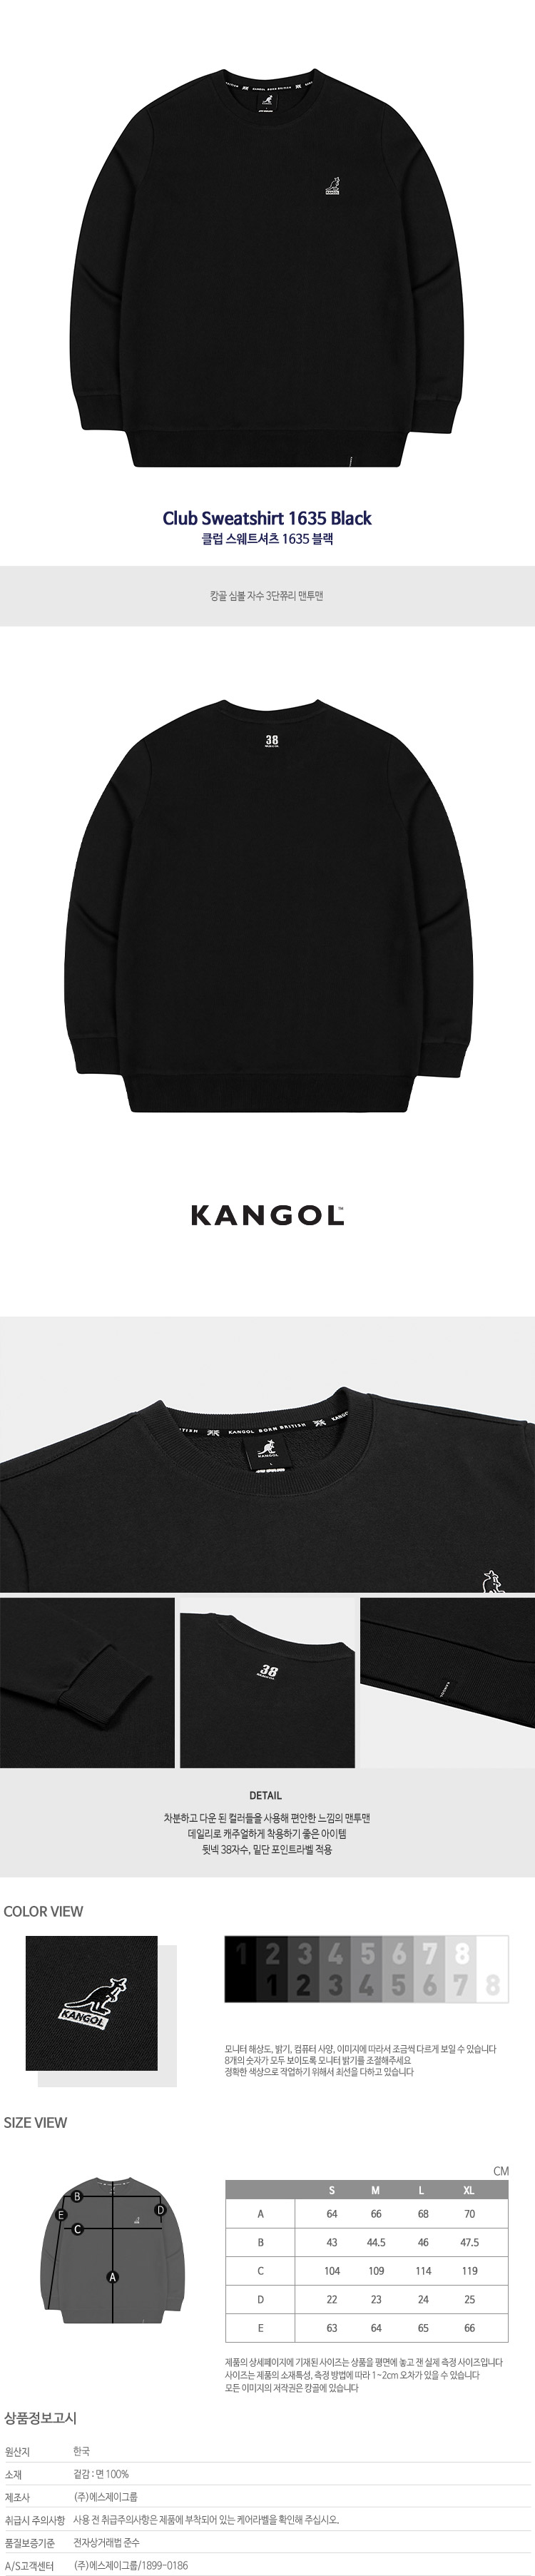 Club Sweatshirt 1635 BLACK